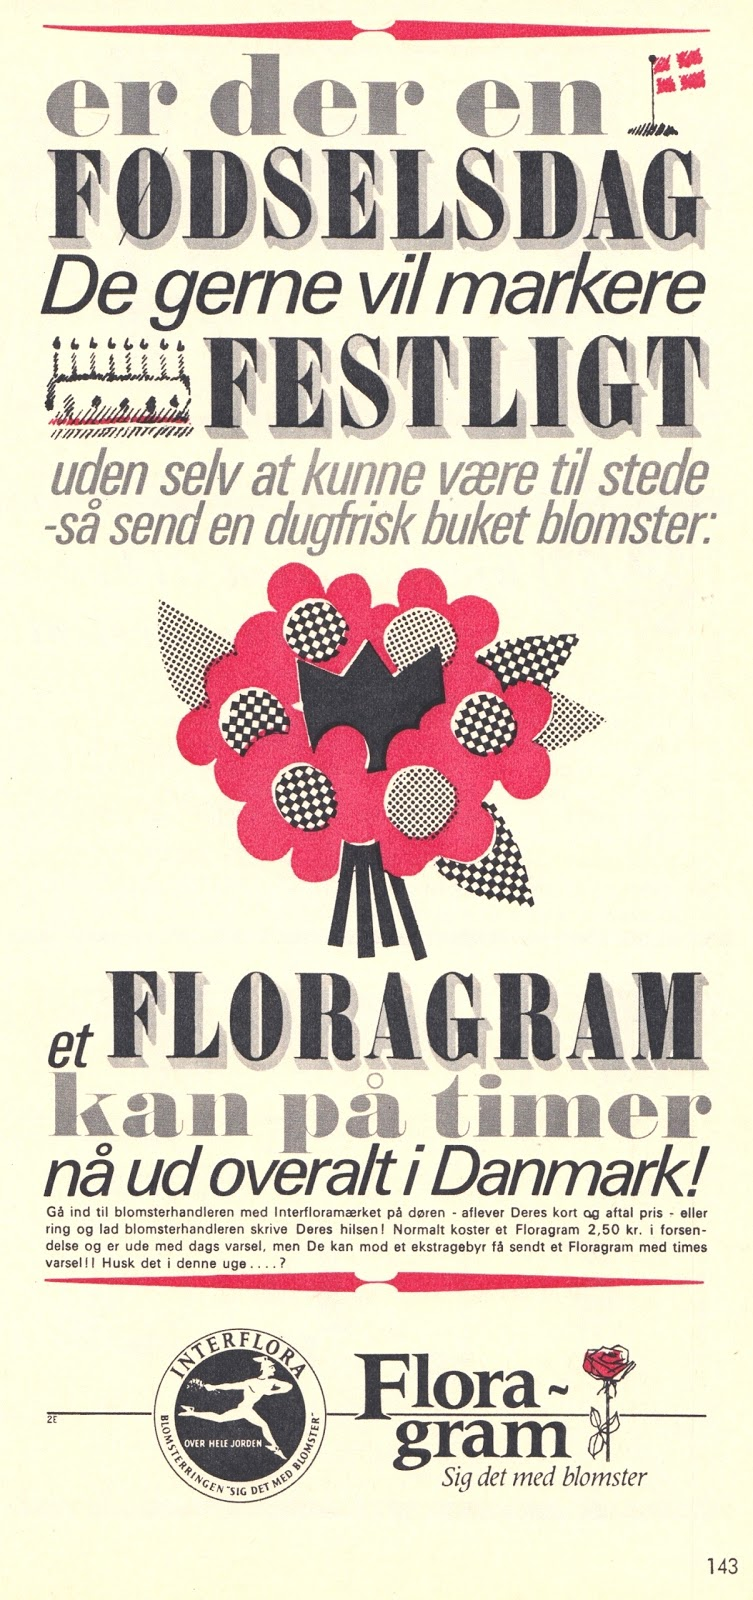 floragram danmark